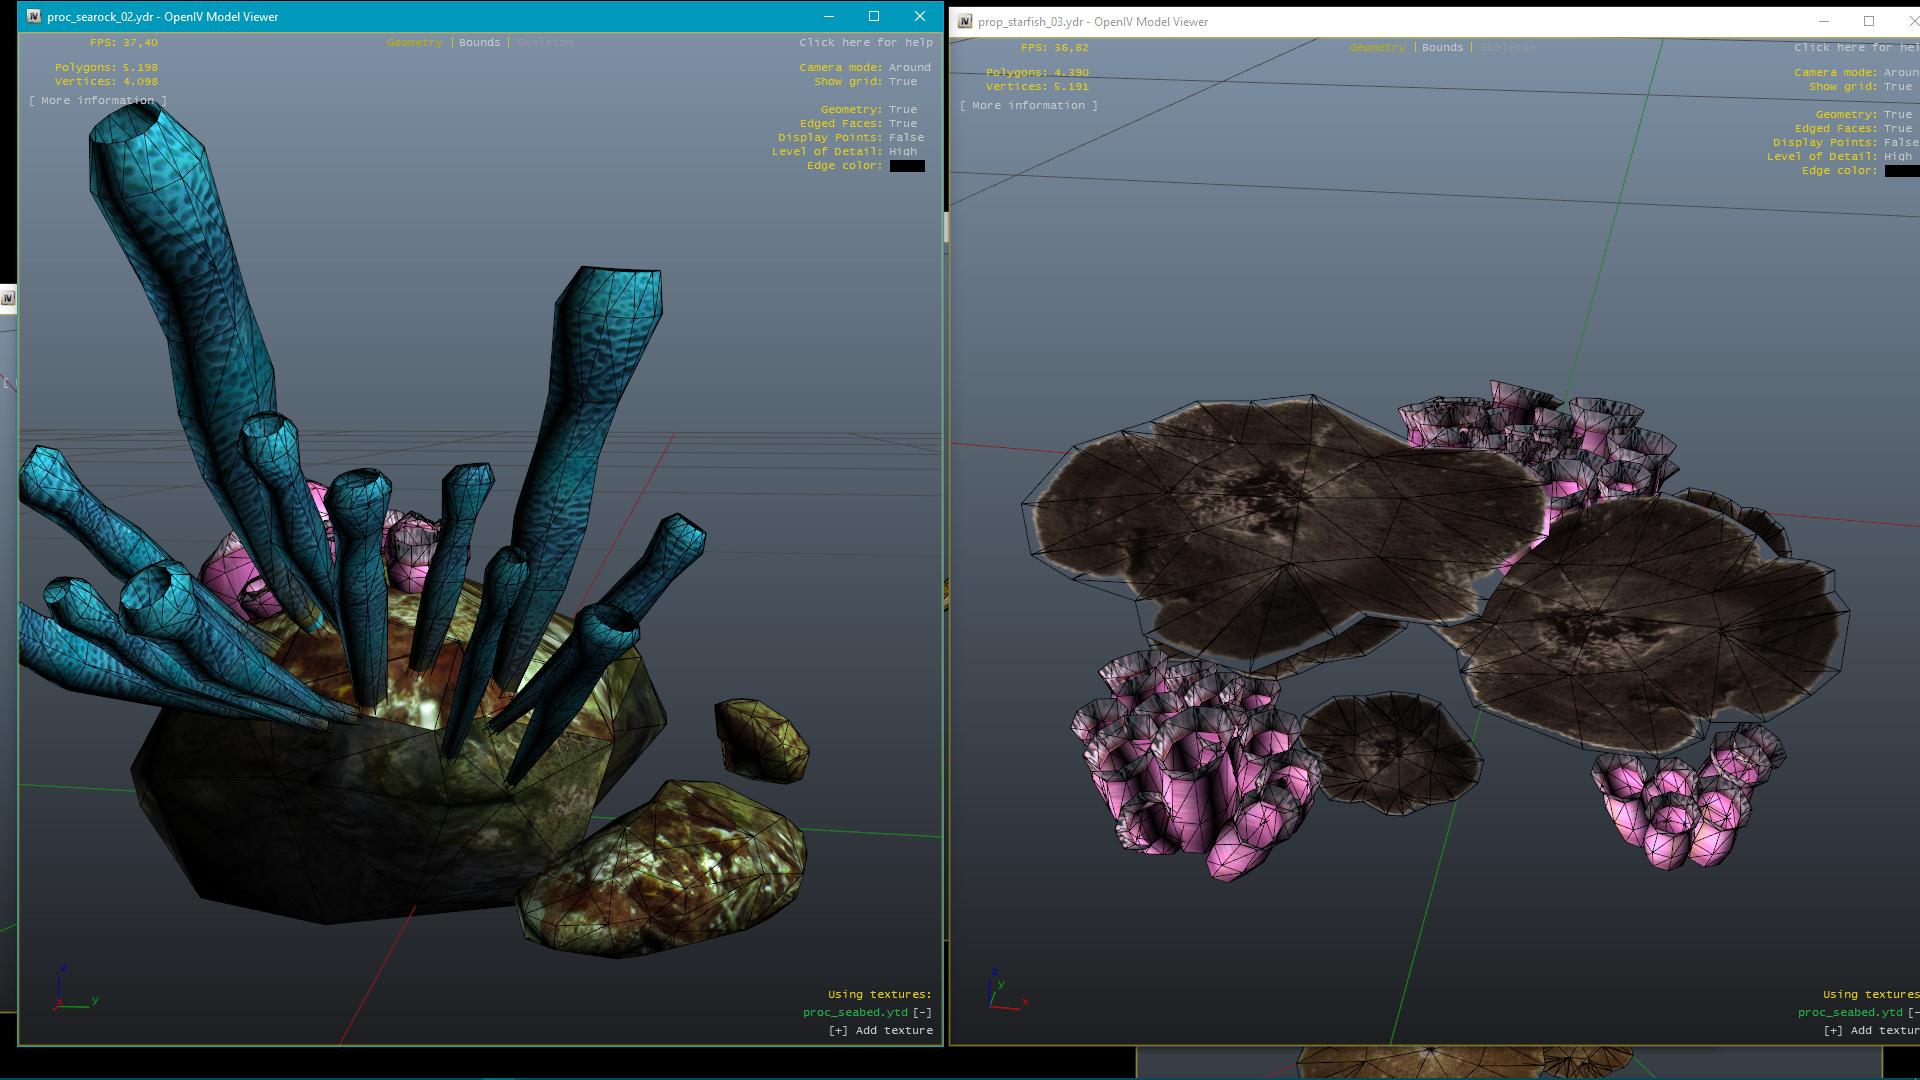 searock02-starfish03.jpg